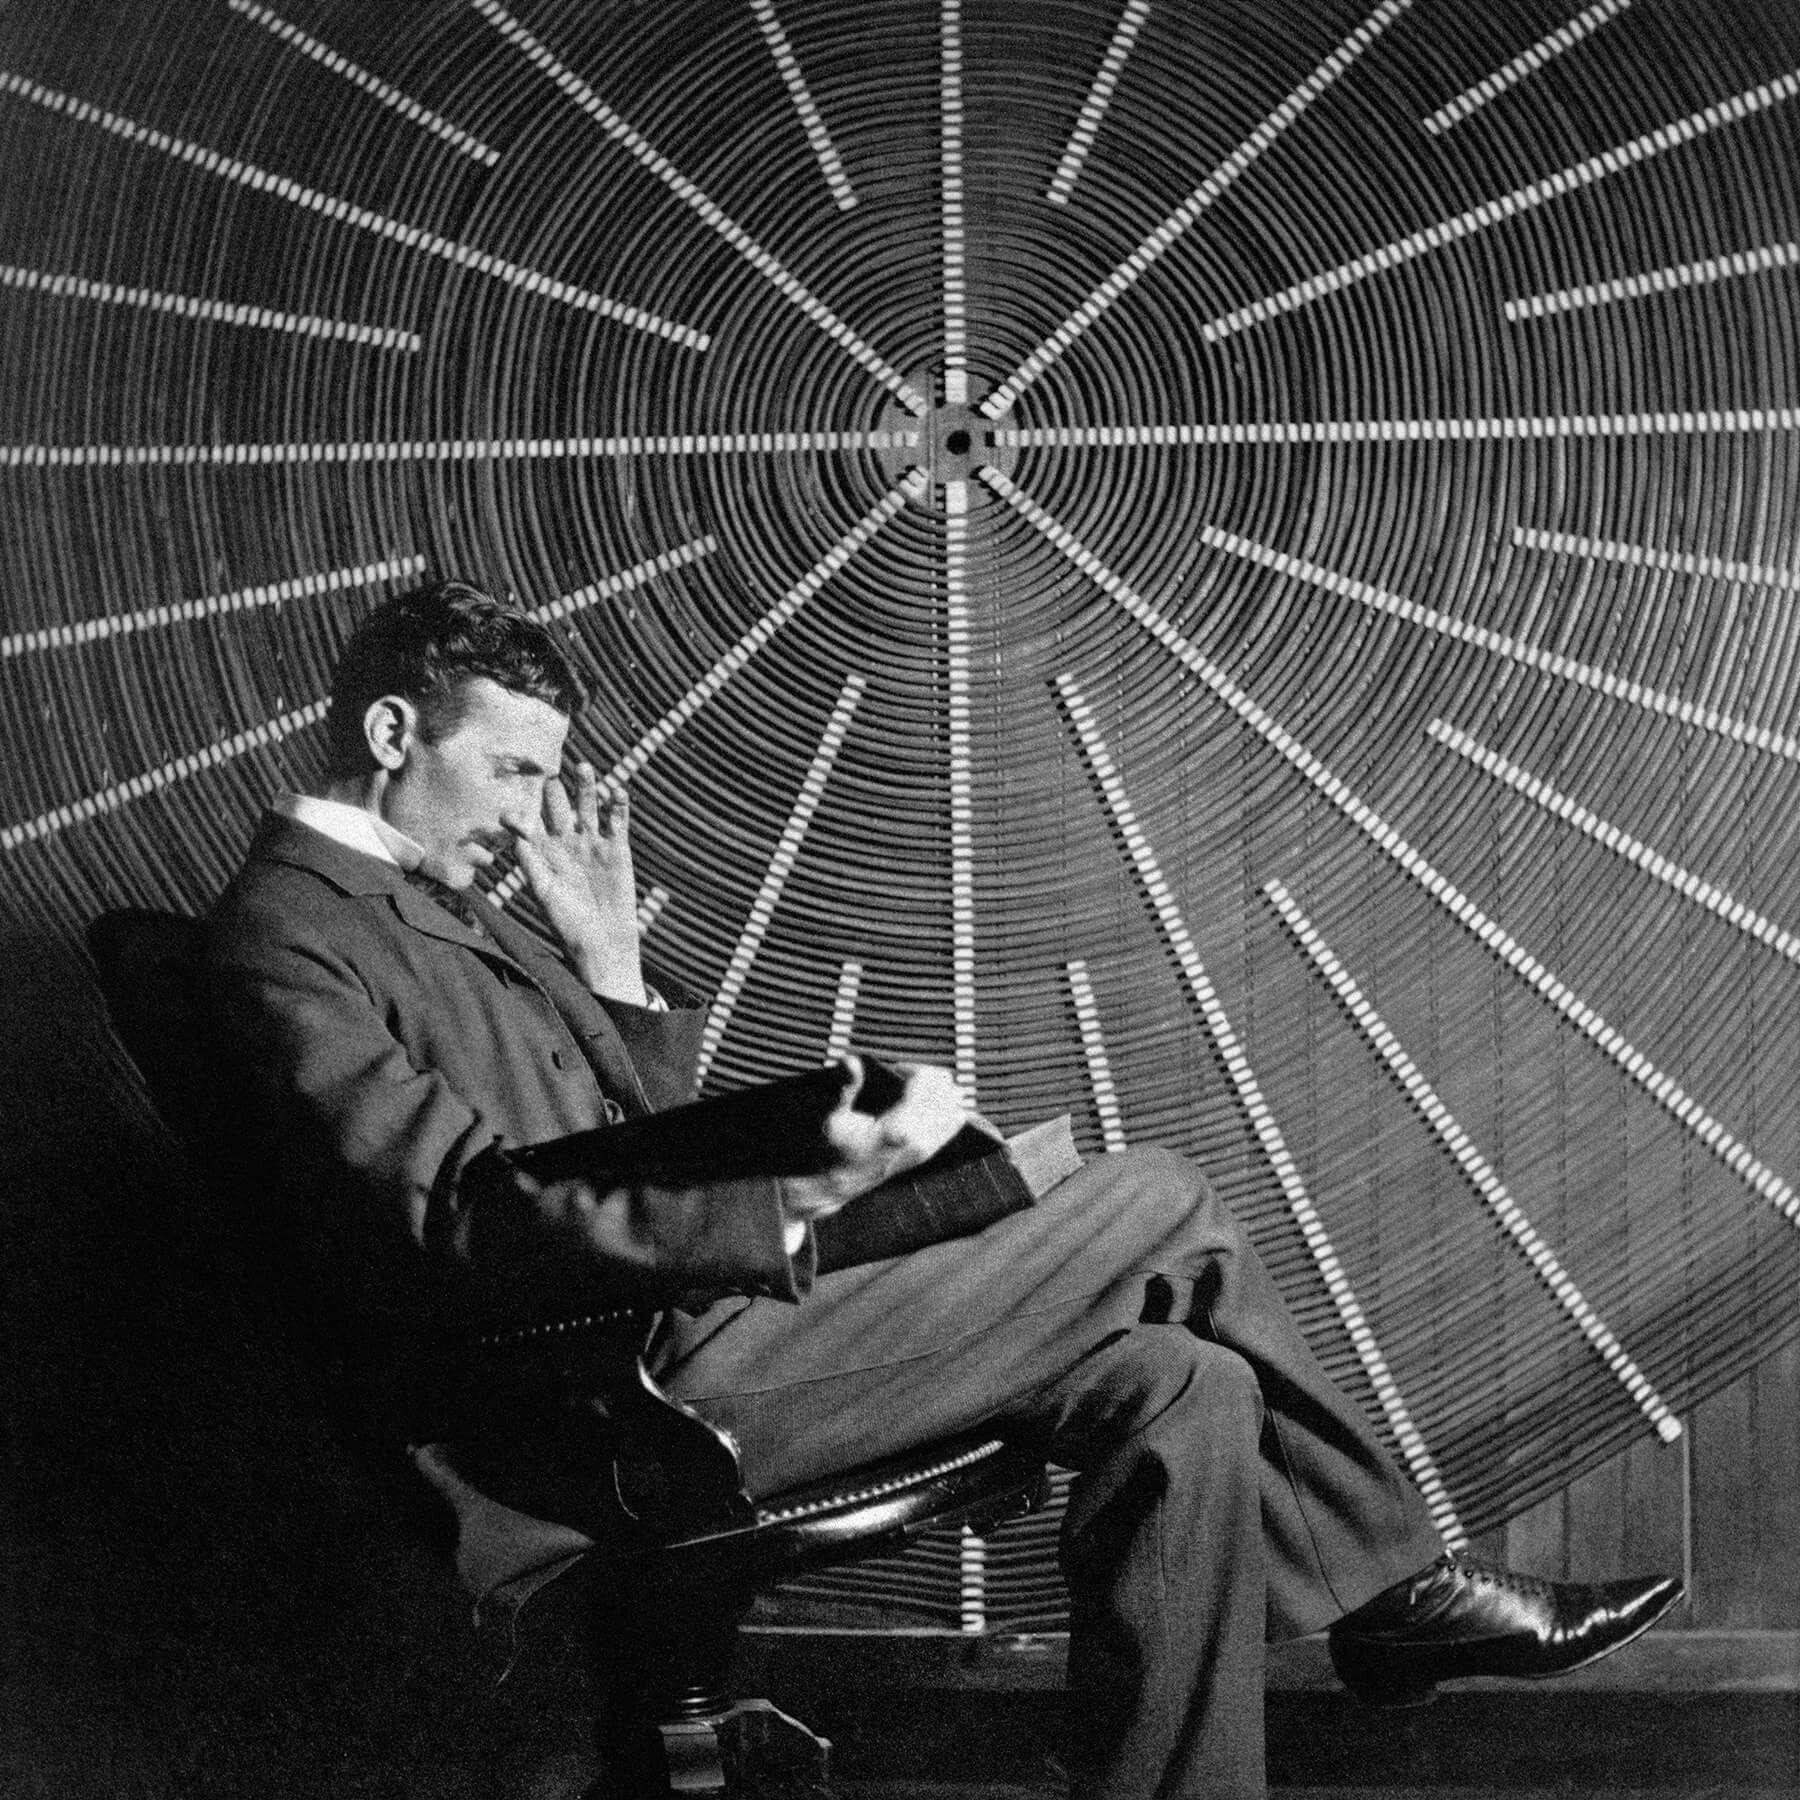 Никола Тесла перед катушкой своего высокочастотного трансформатора на Ист-Хьюстон-стрит, Нью-Йорк. Источник: wikipedia.org